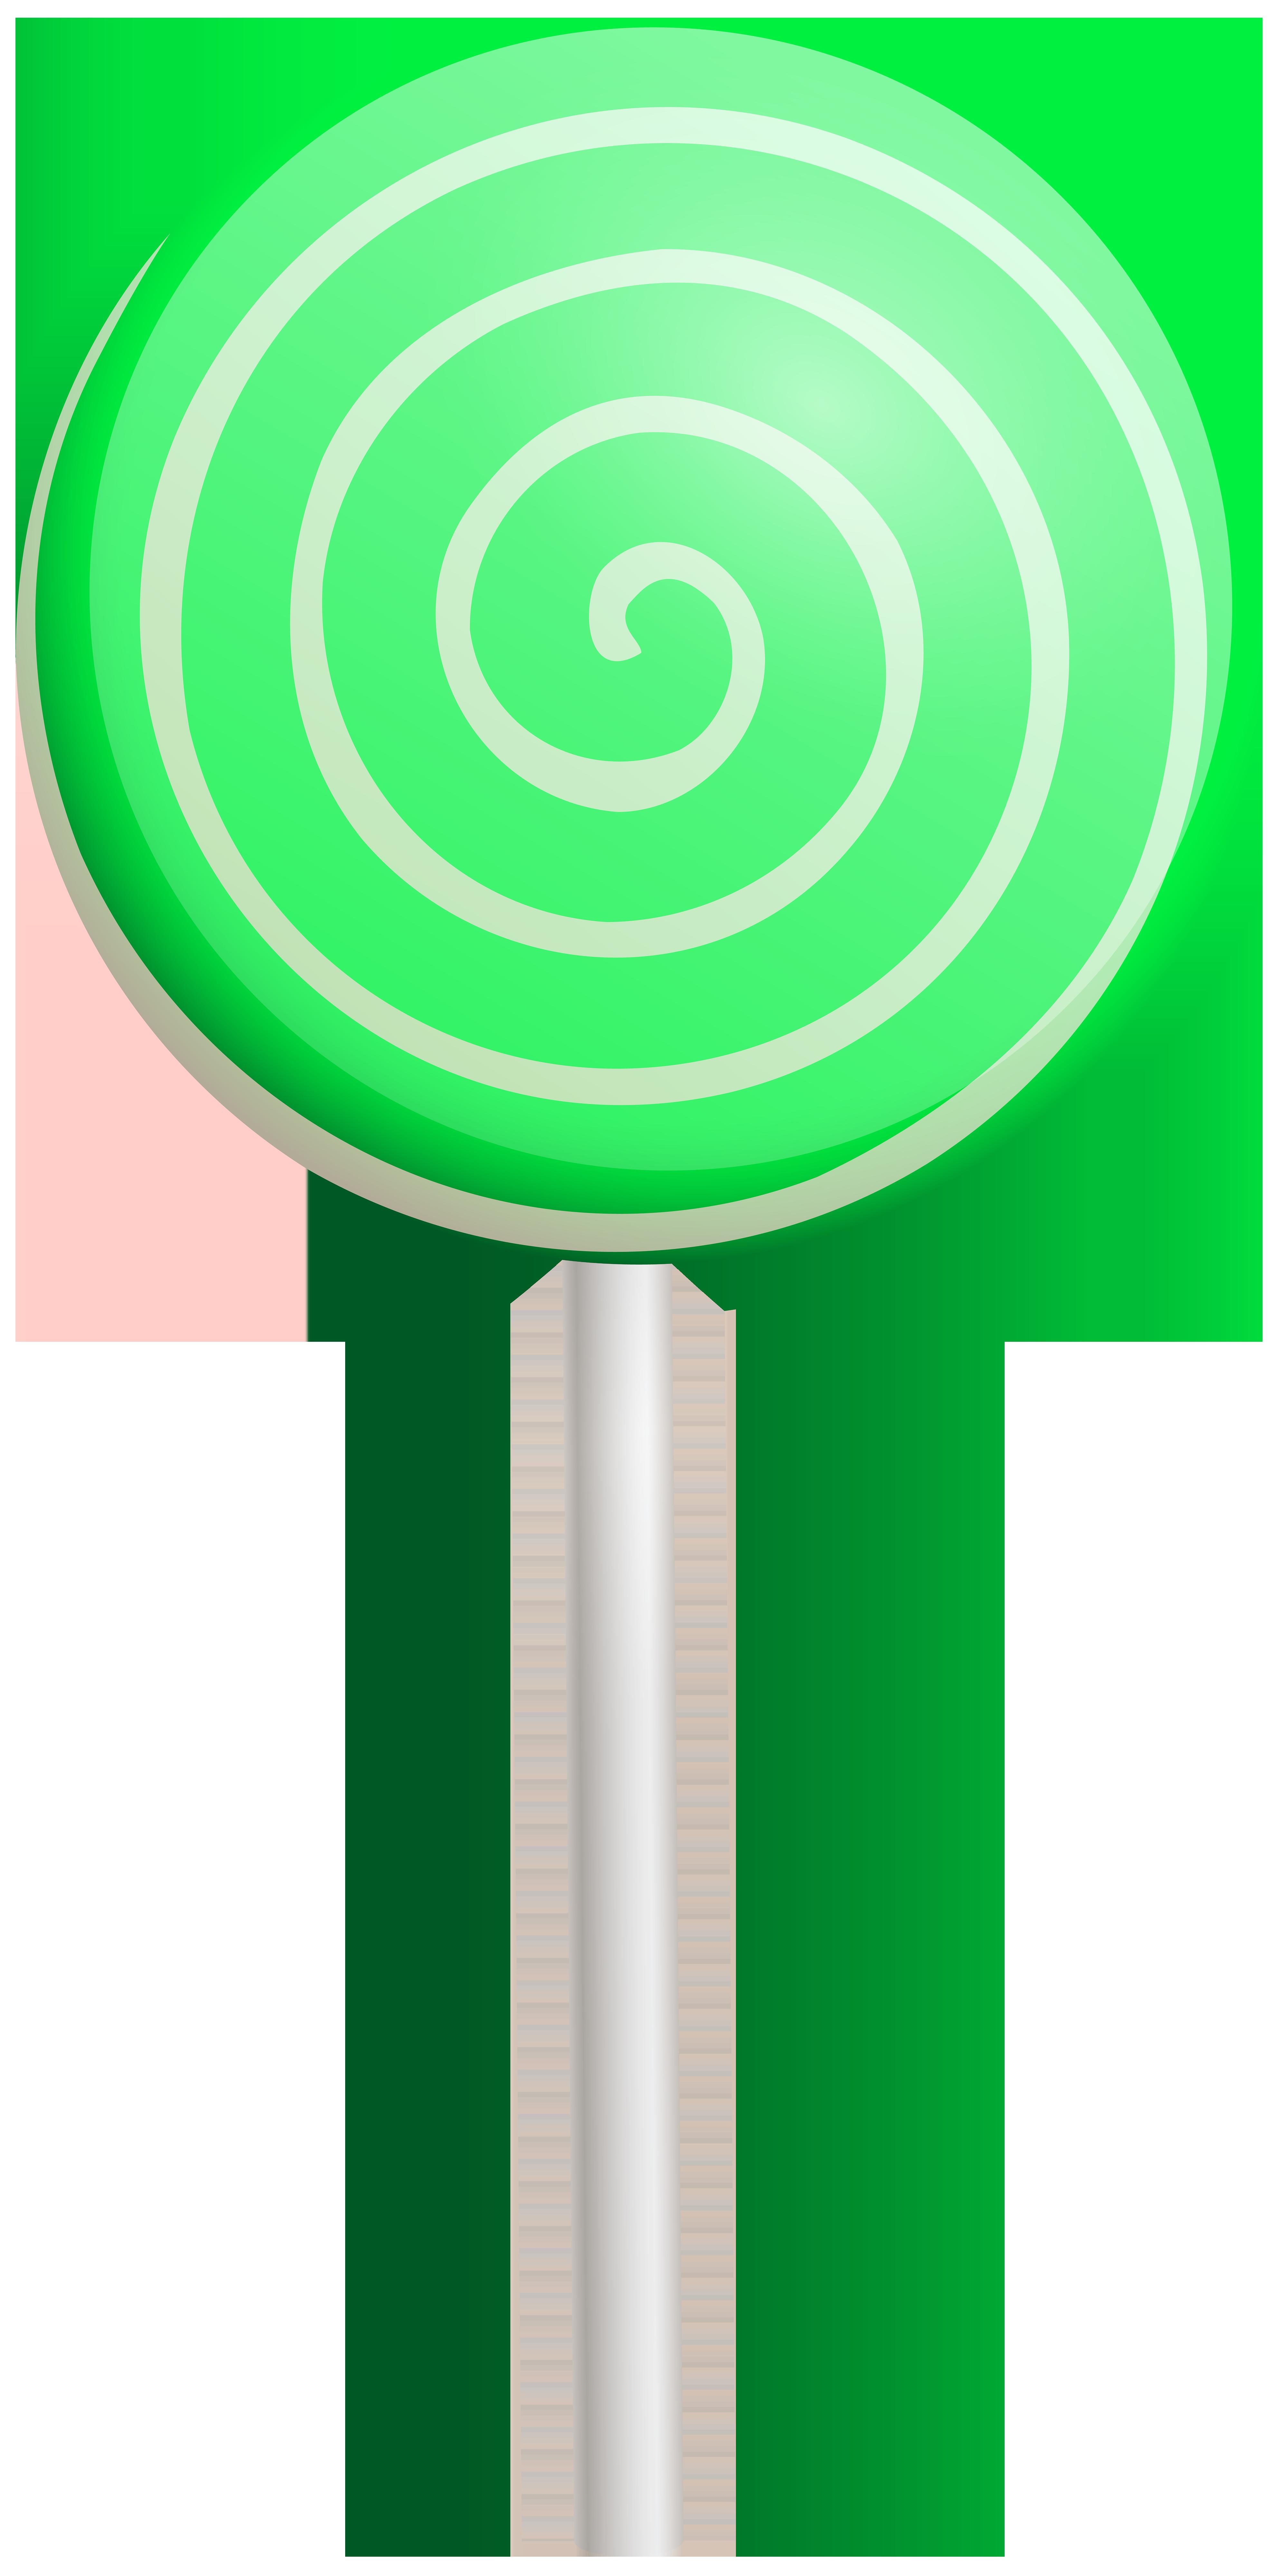 Lollipop clipart green. Swirl png clip art